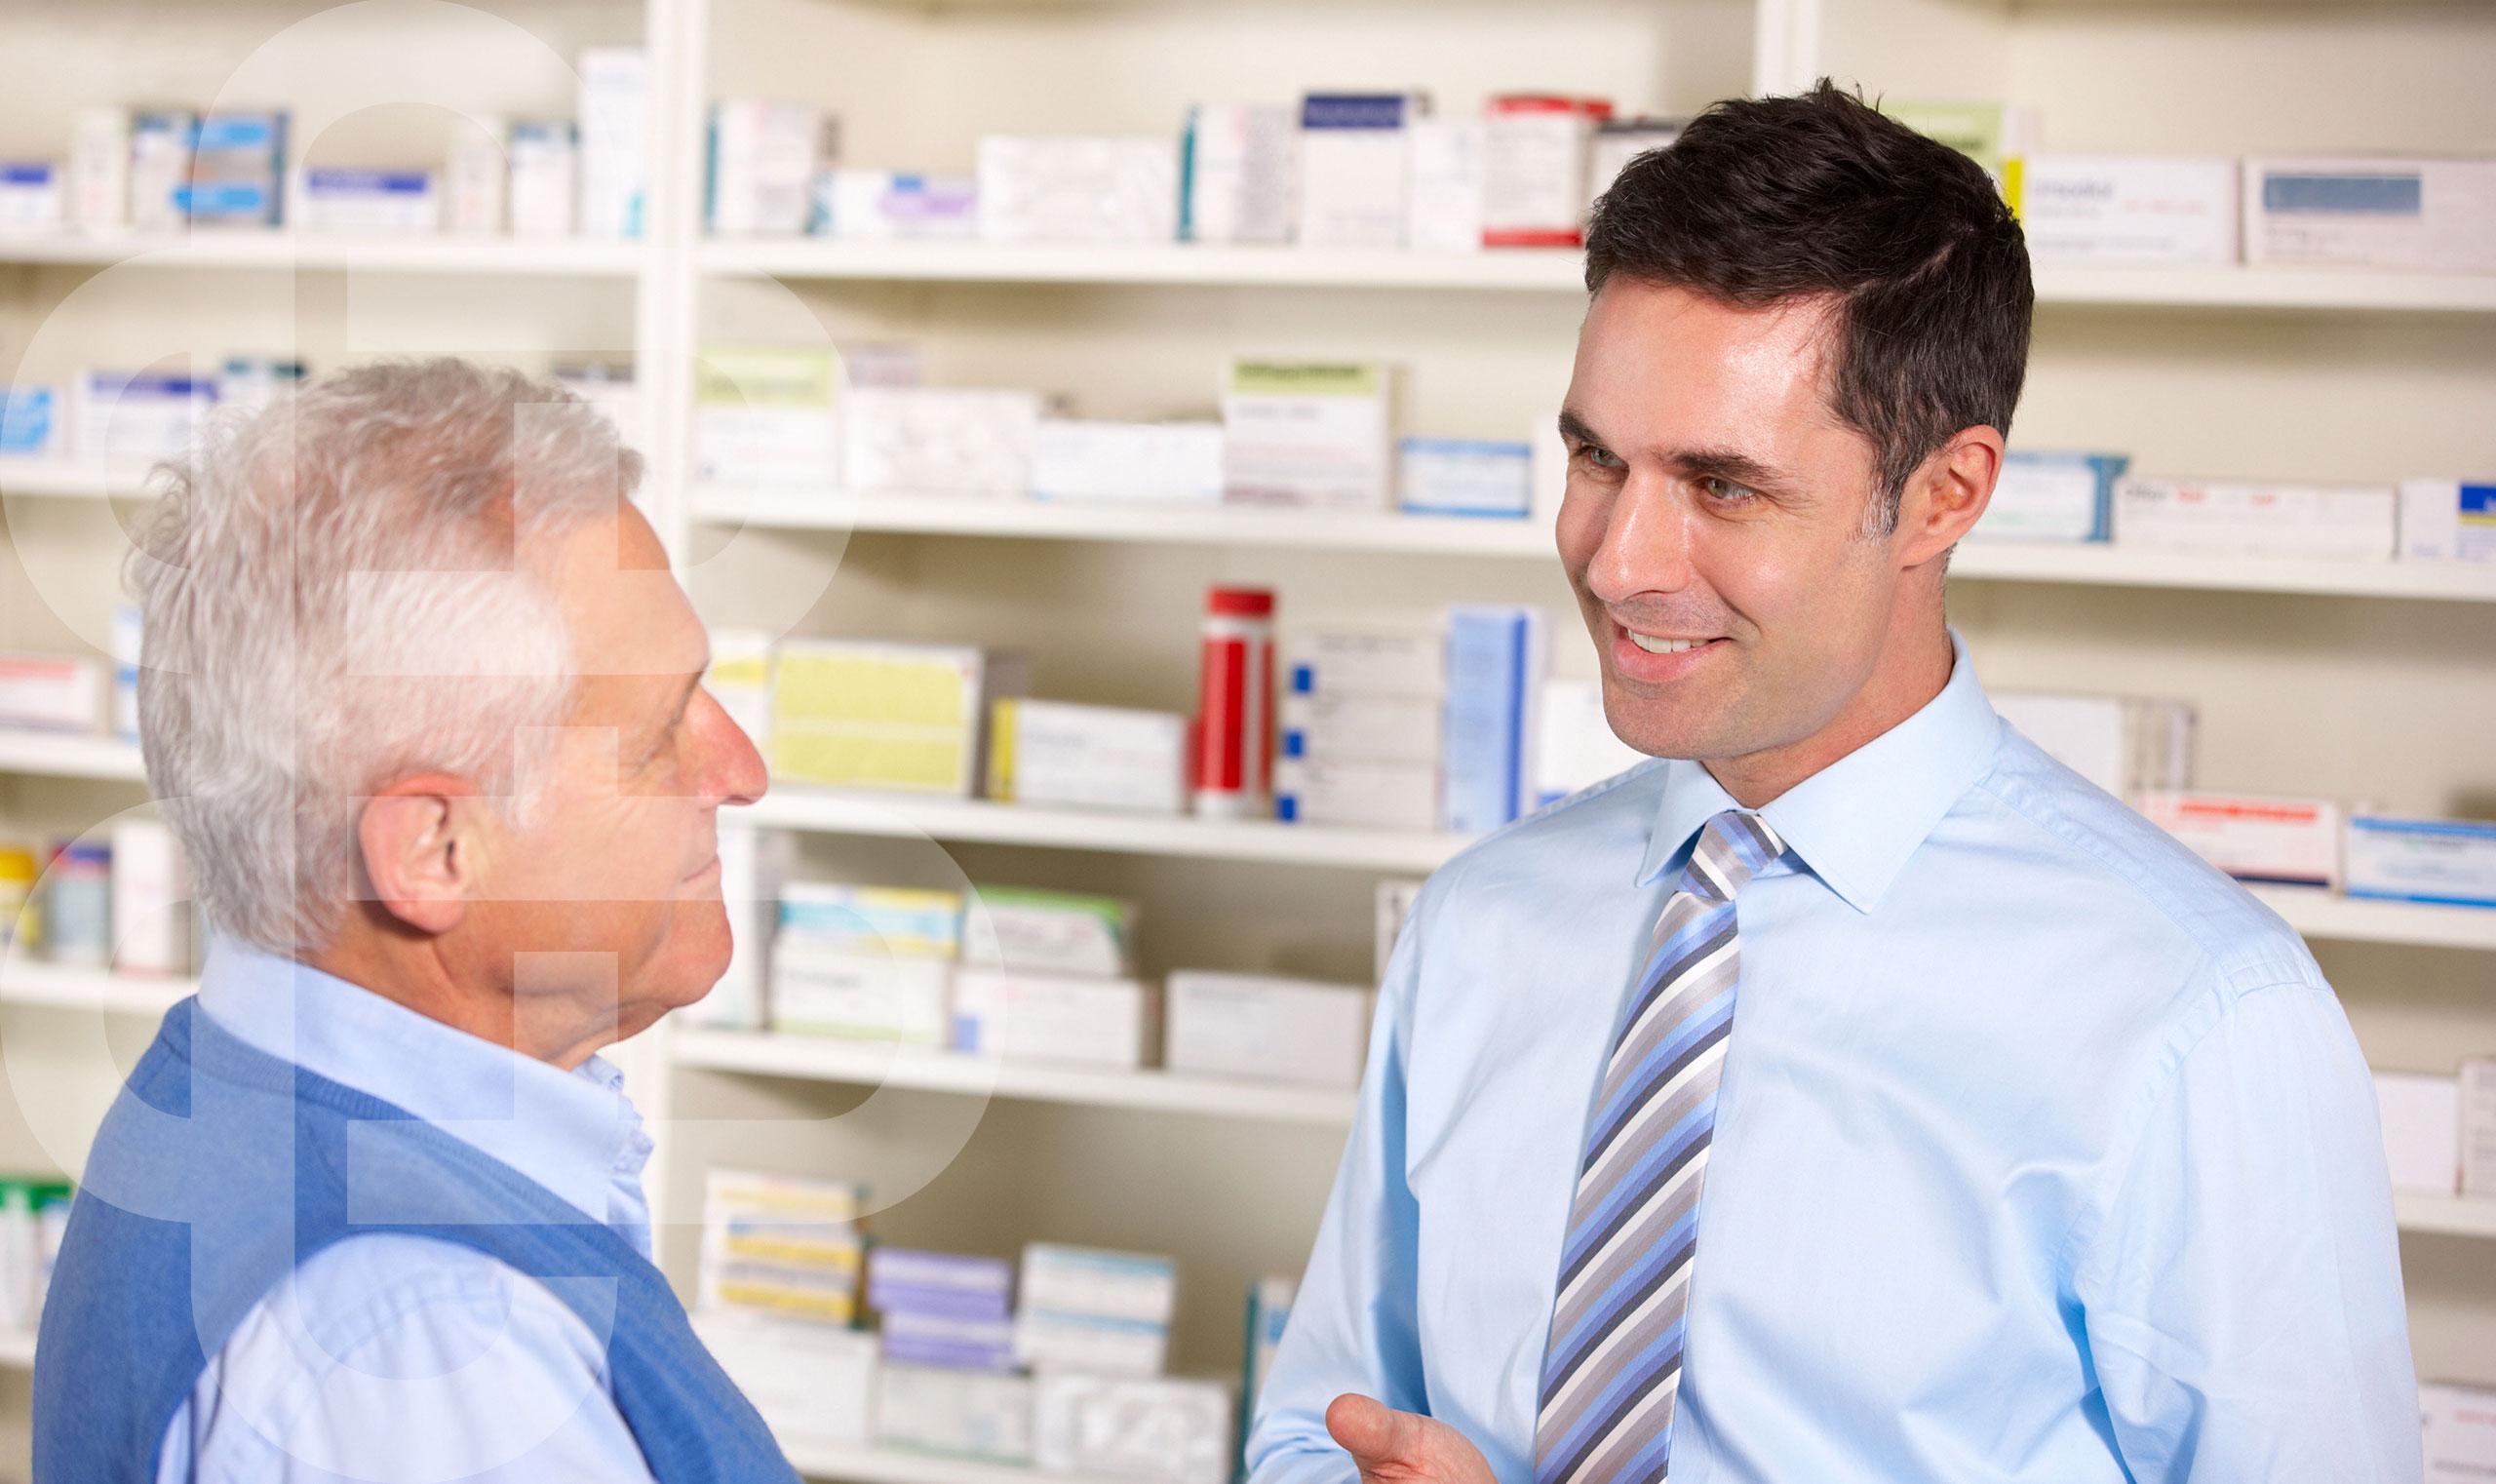 pharmacist vacancy